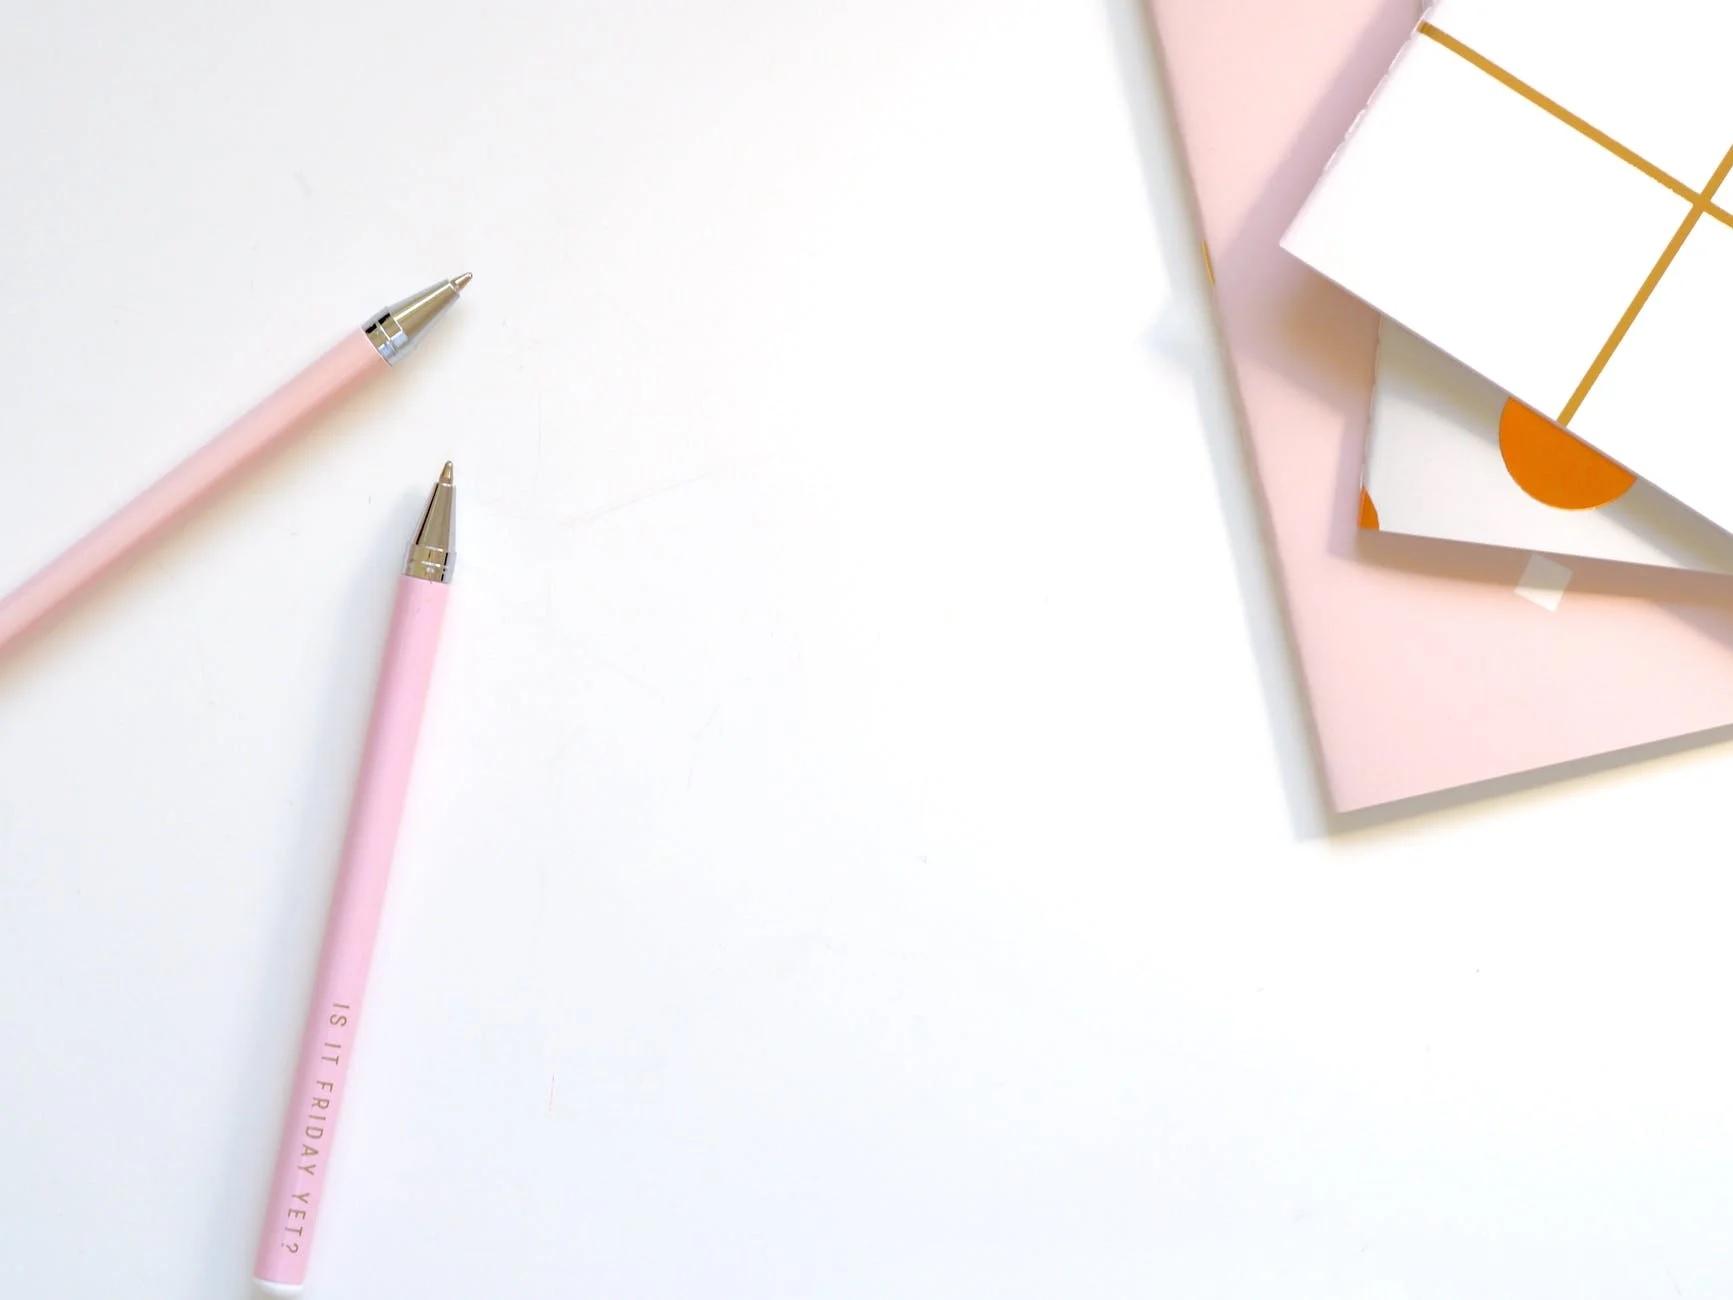 Mengapa Menulis Tangan Sangat Penting dan Apa Alat Pendukungnya?